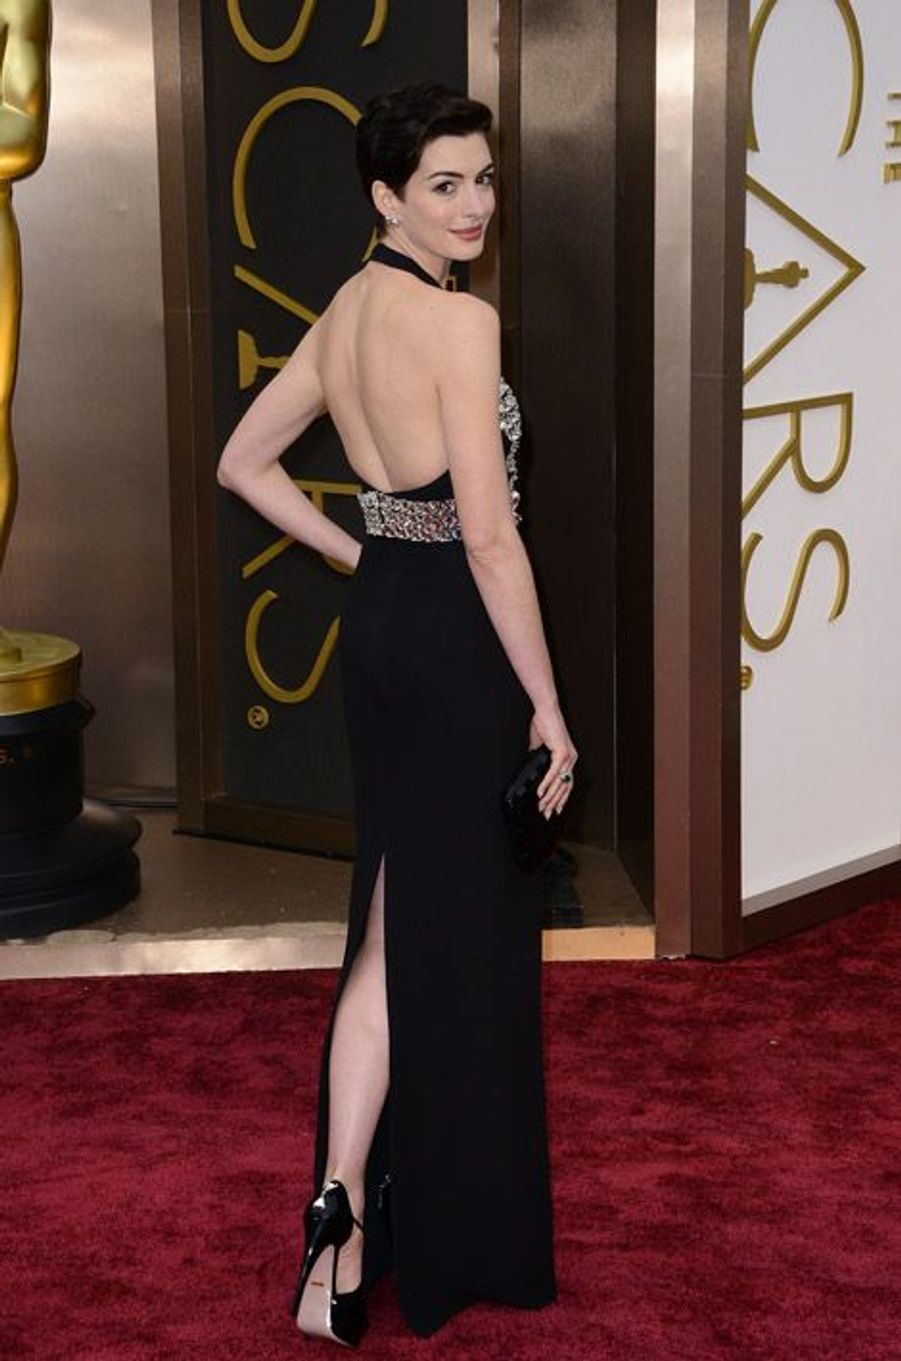 L'actrice Anne Hathaway, en Gucci, lors de la cérémonie des Oscars à Los Angeles, le 2 mars 2014